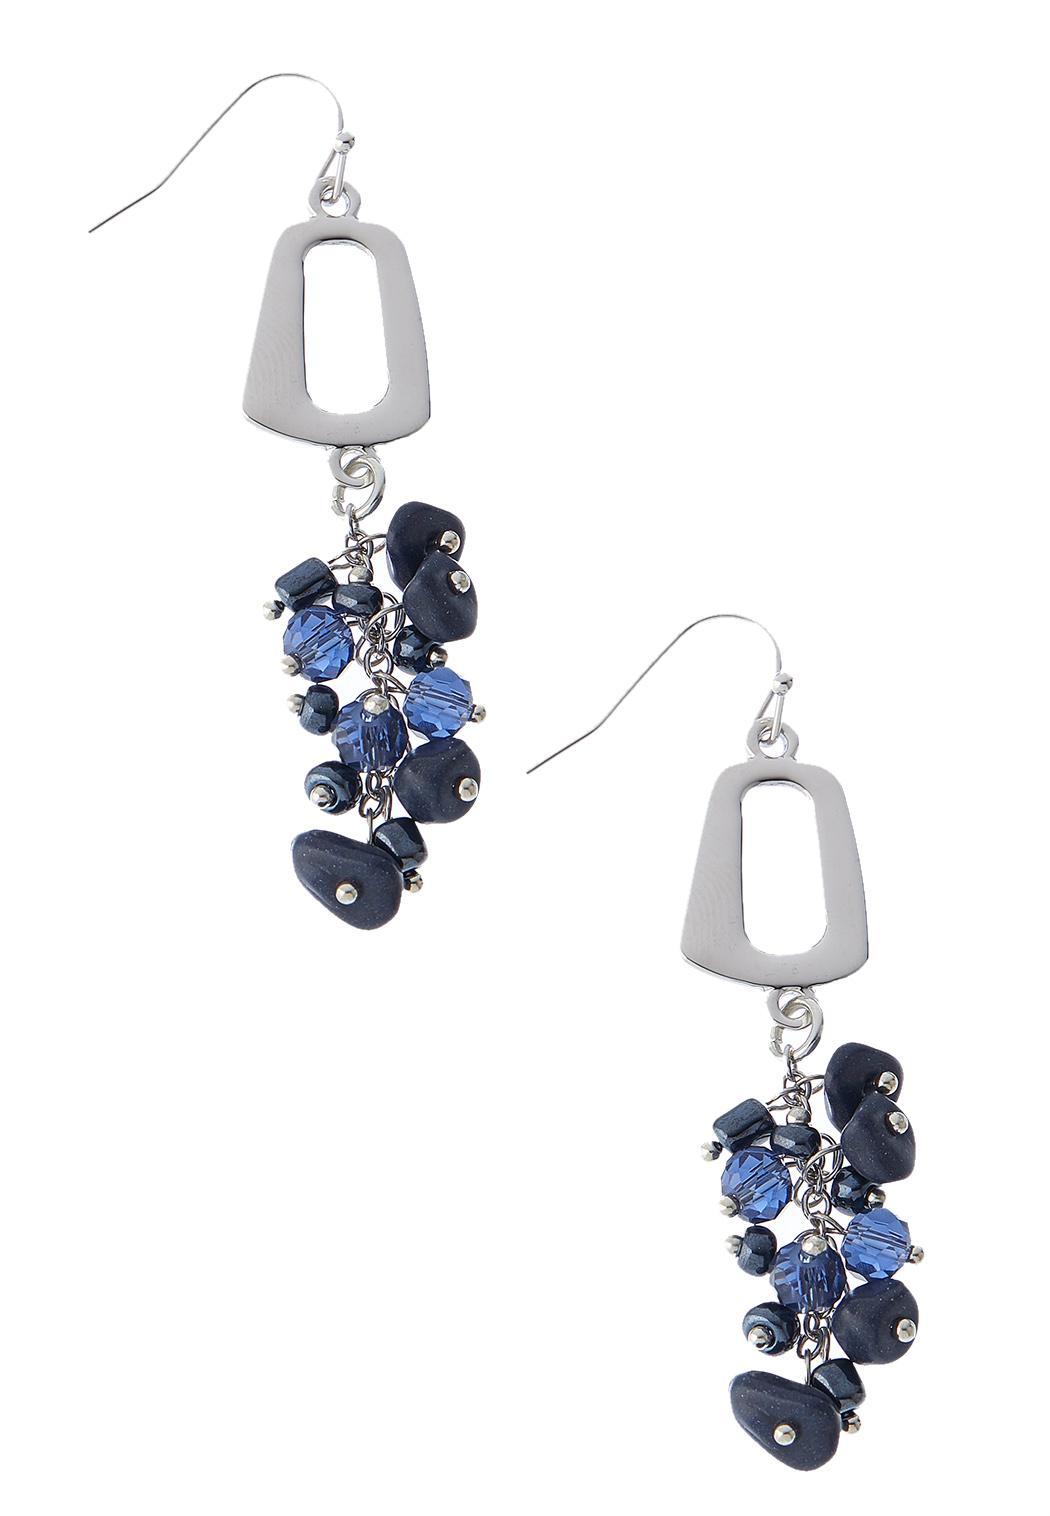 Metal Square Cluster Bead Earrings